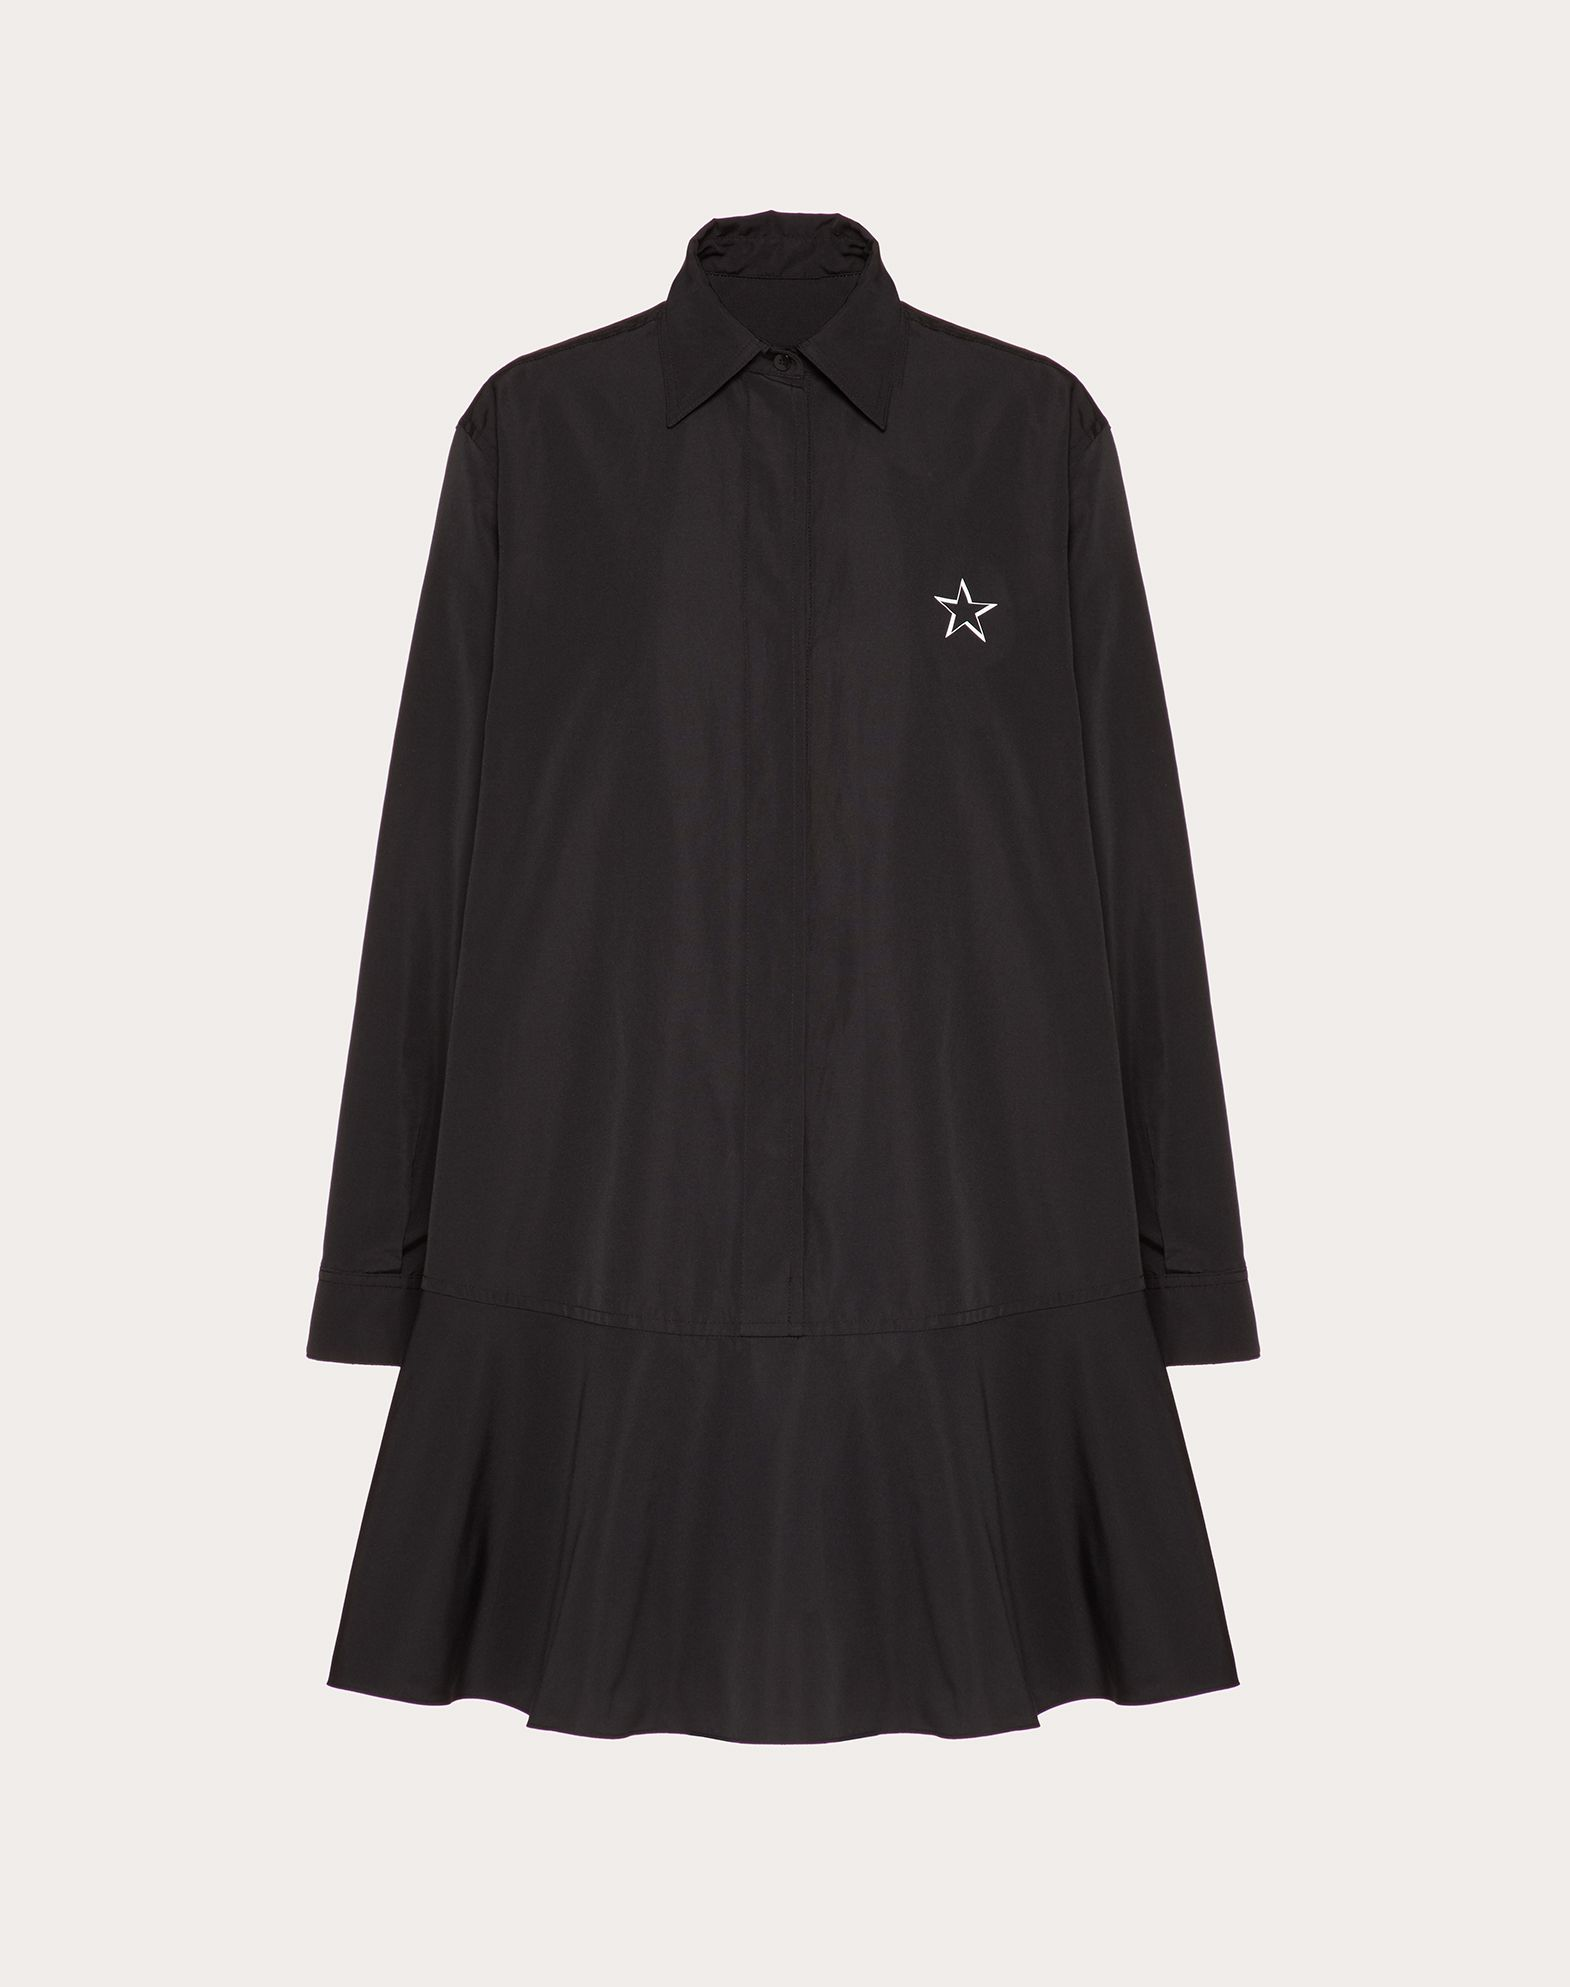 VLTNSTAR Micro-Faille Dress